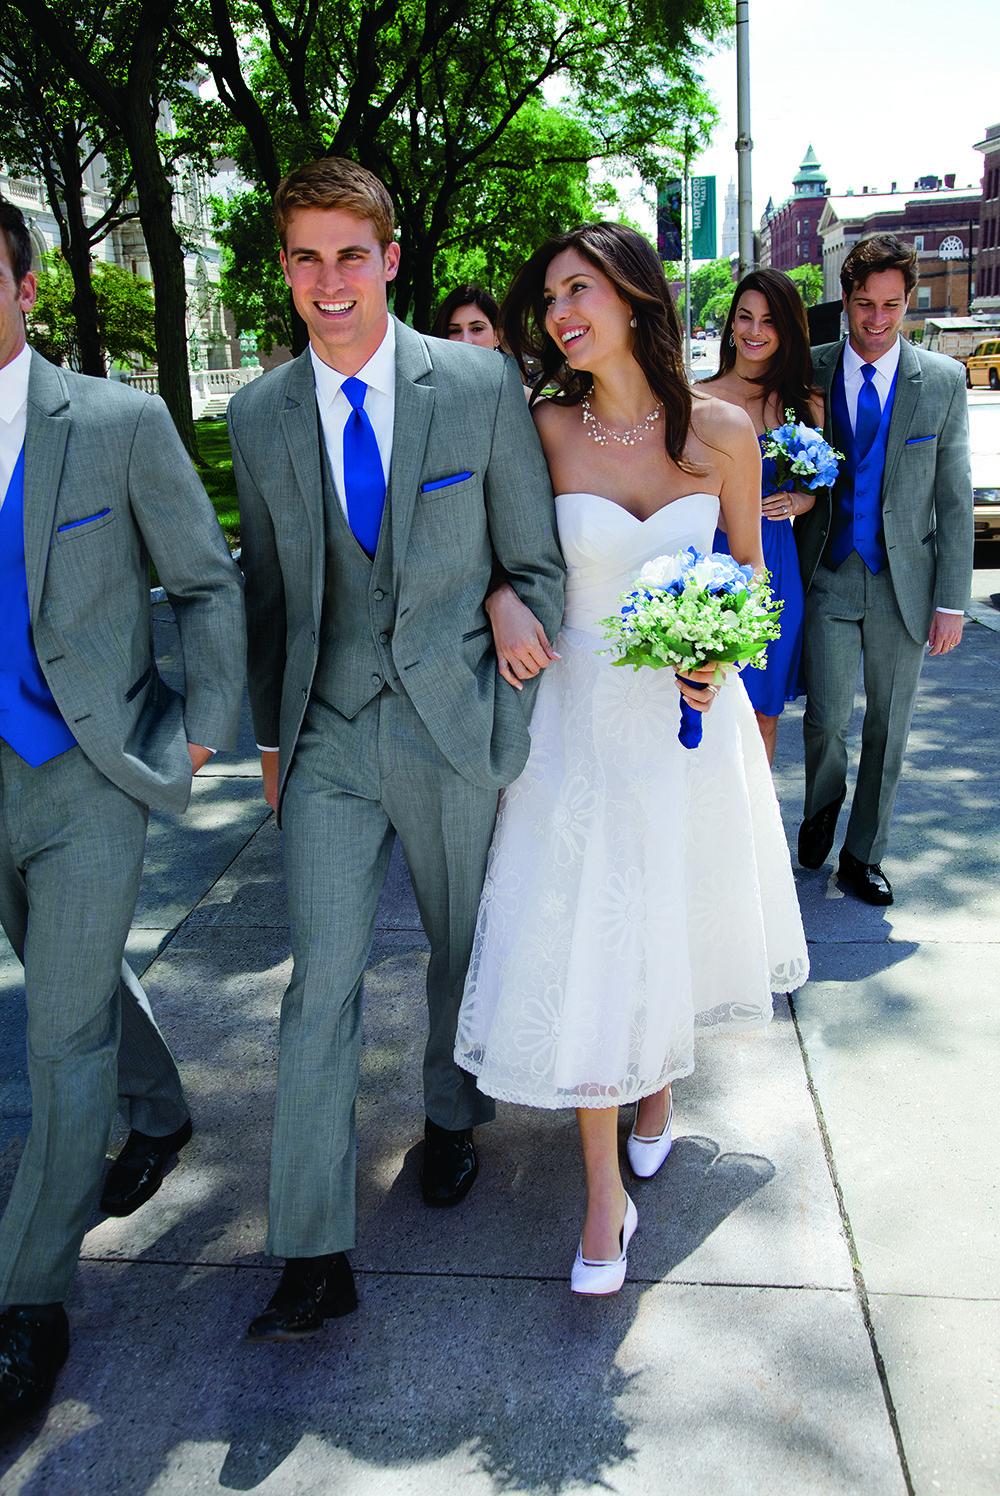 Royal blue tie royal blue silk tie royal blue wedding tie royal blue grooms tie royal blue groomsmen tie royal blue formal tie xlGzLMRmJ